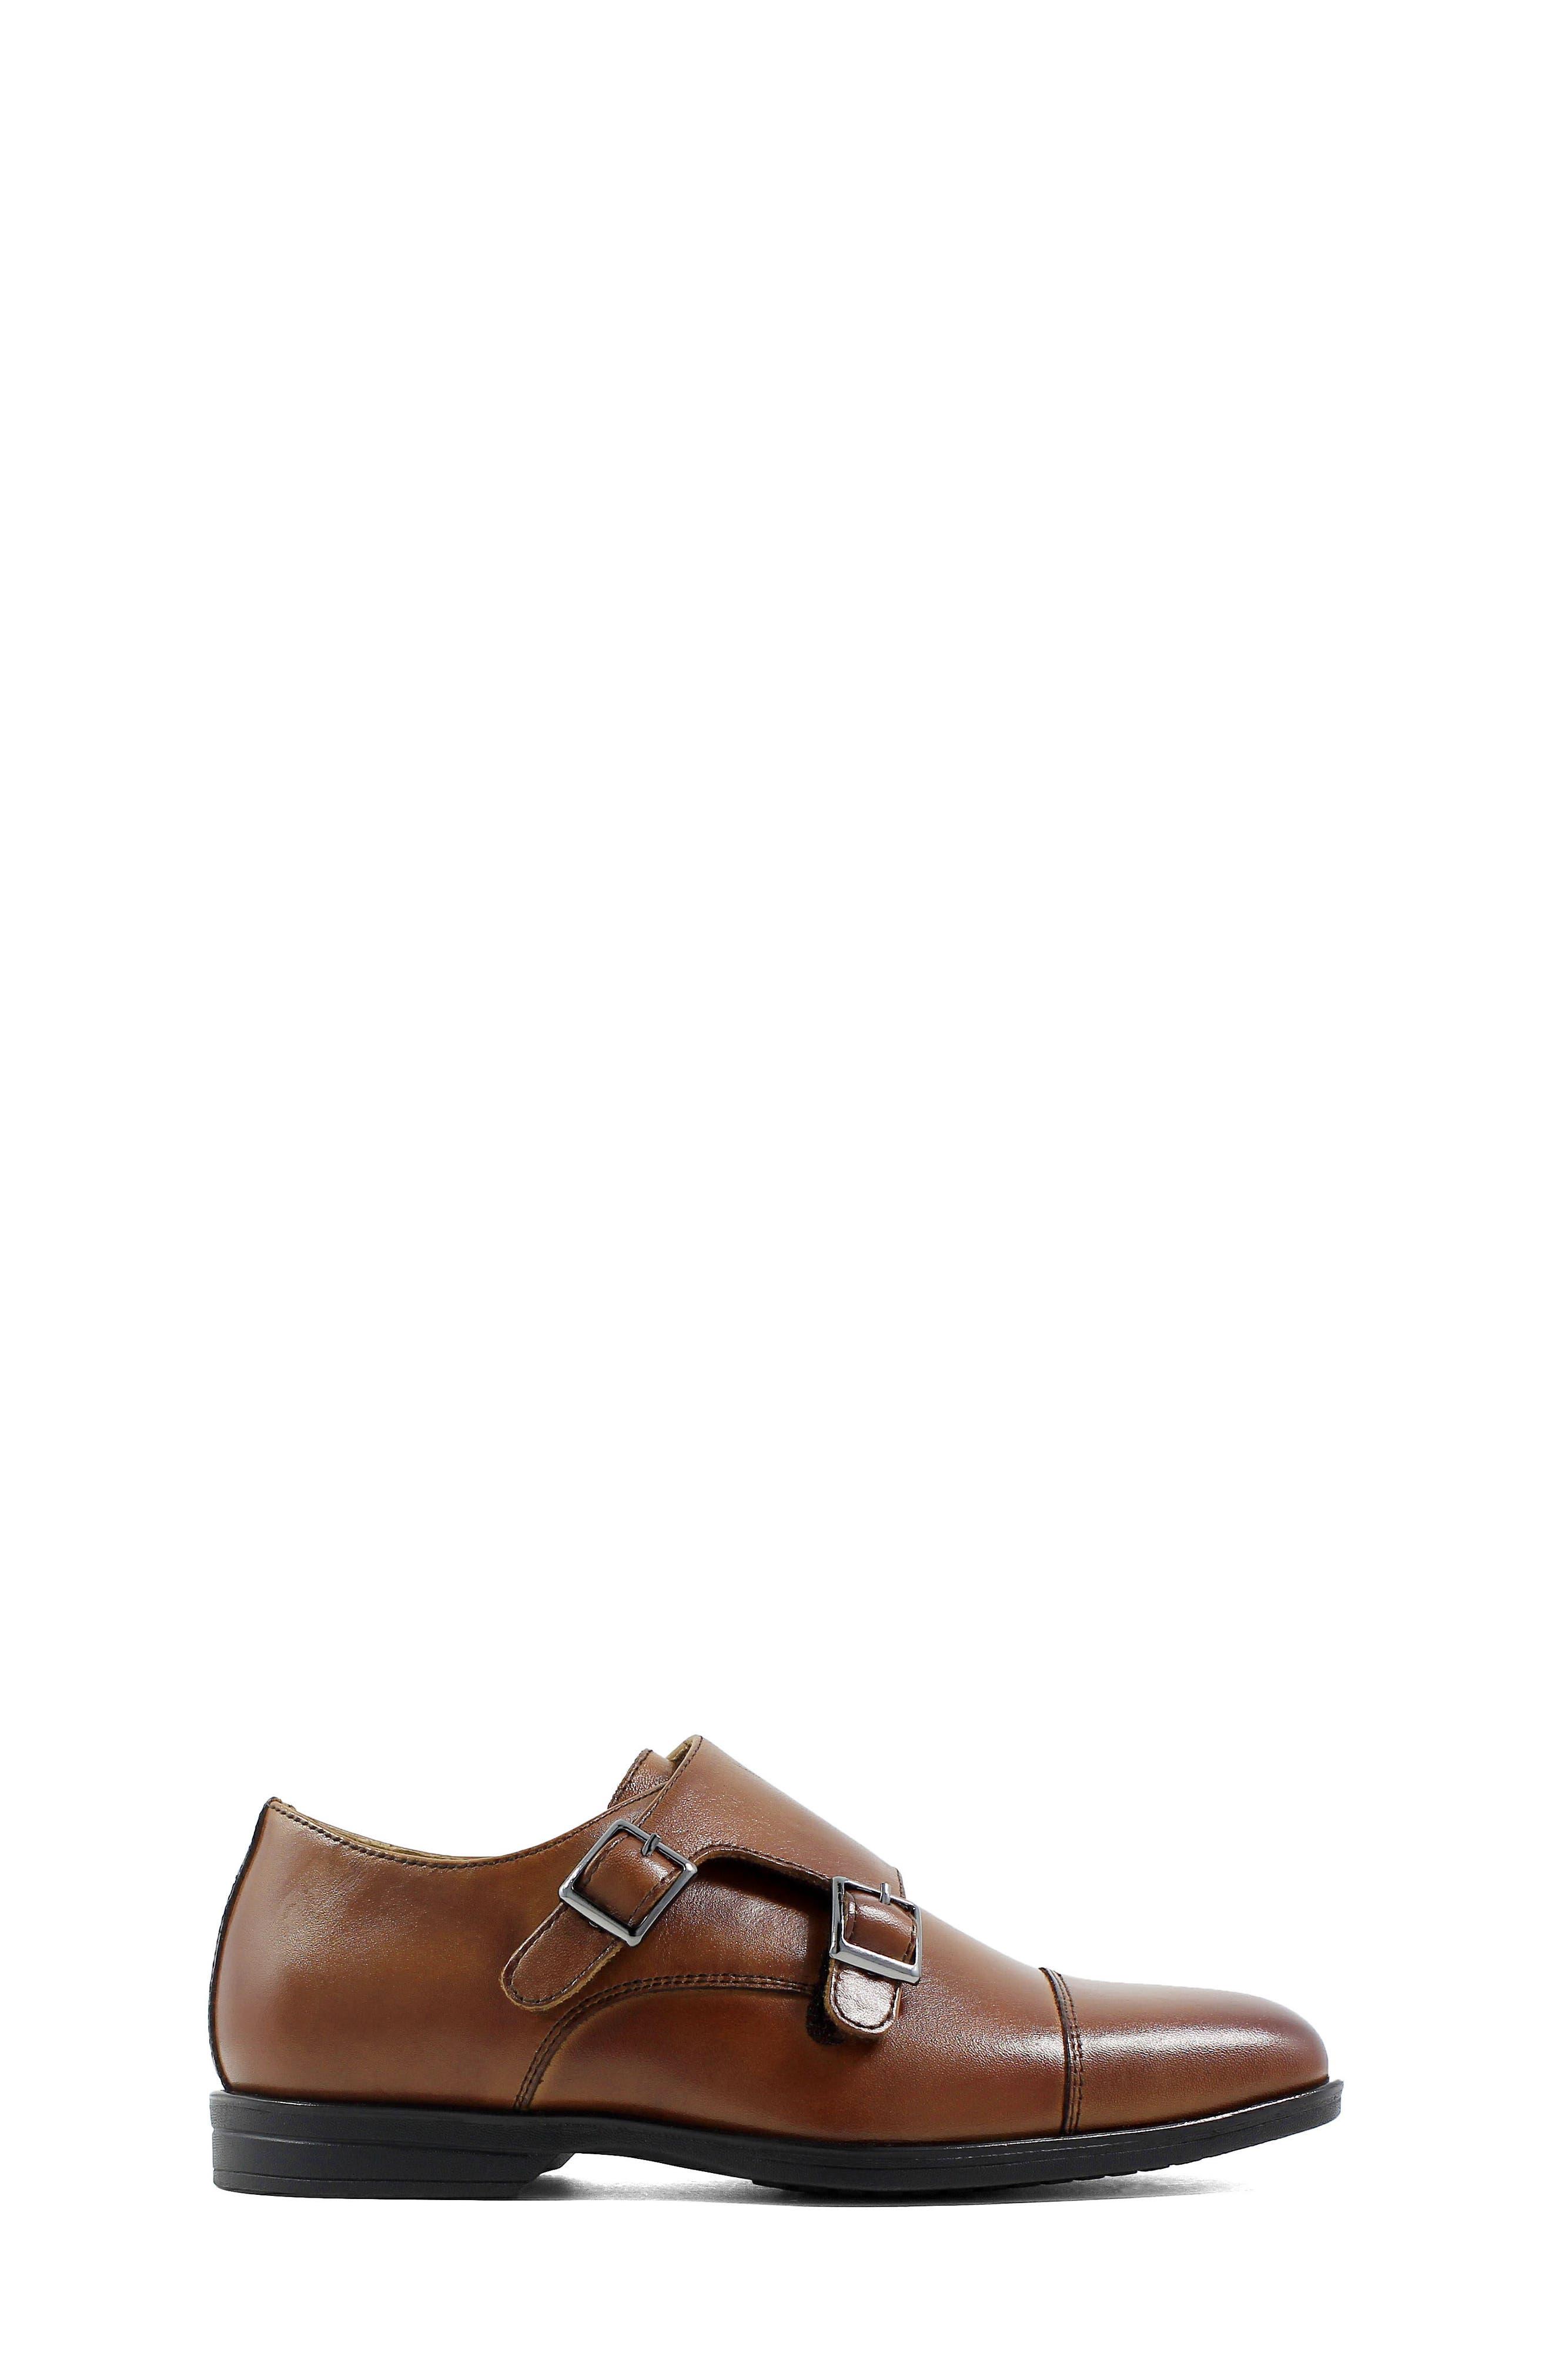 Reveal Double Monk Strap Shoe,                             Alternate thumbnail 3, color,                             COGNAC LEATHER